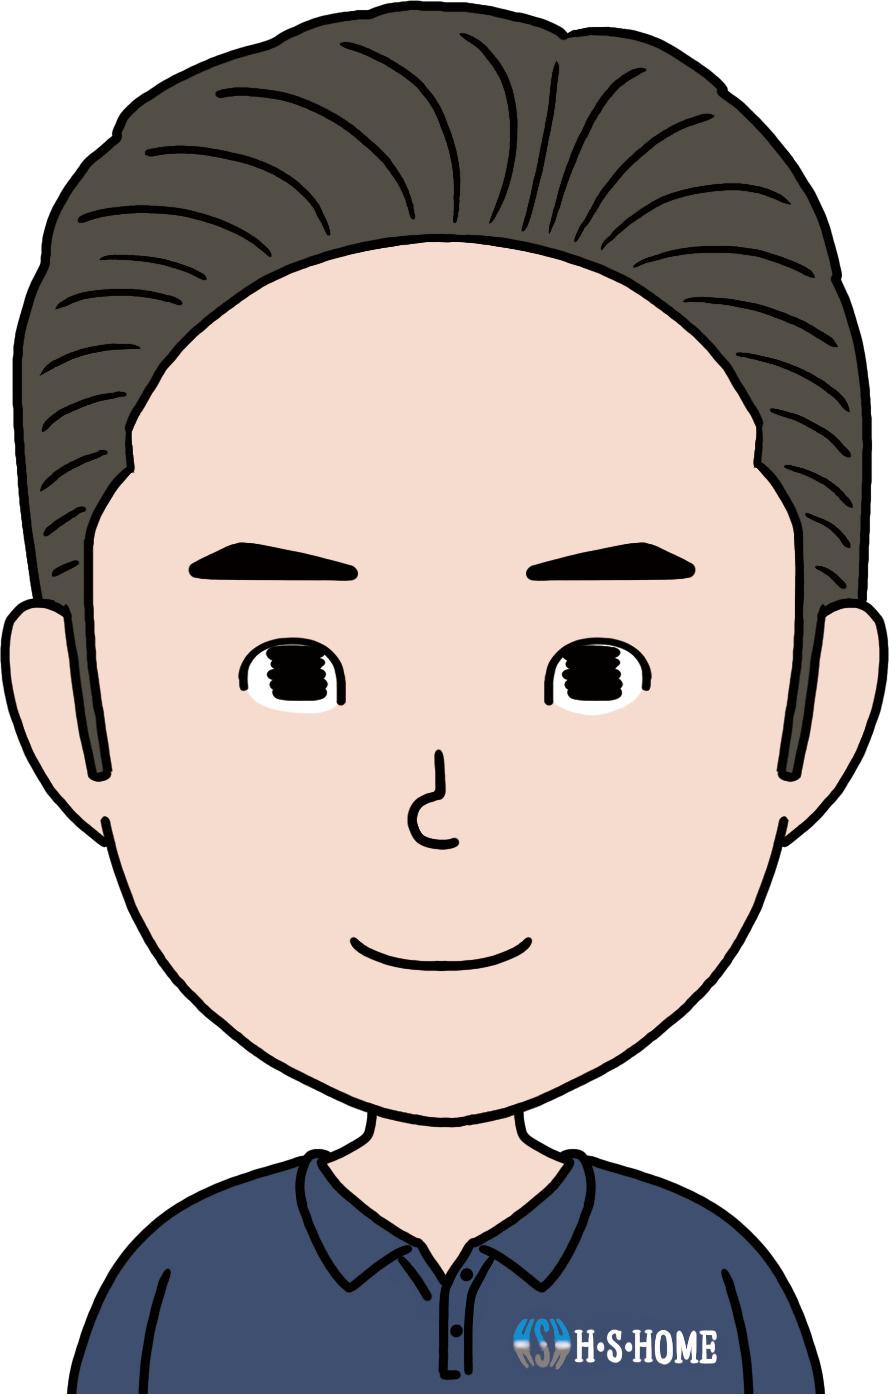 鈴木彰人の画像